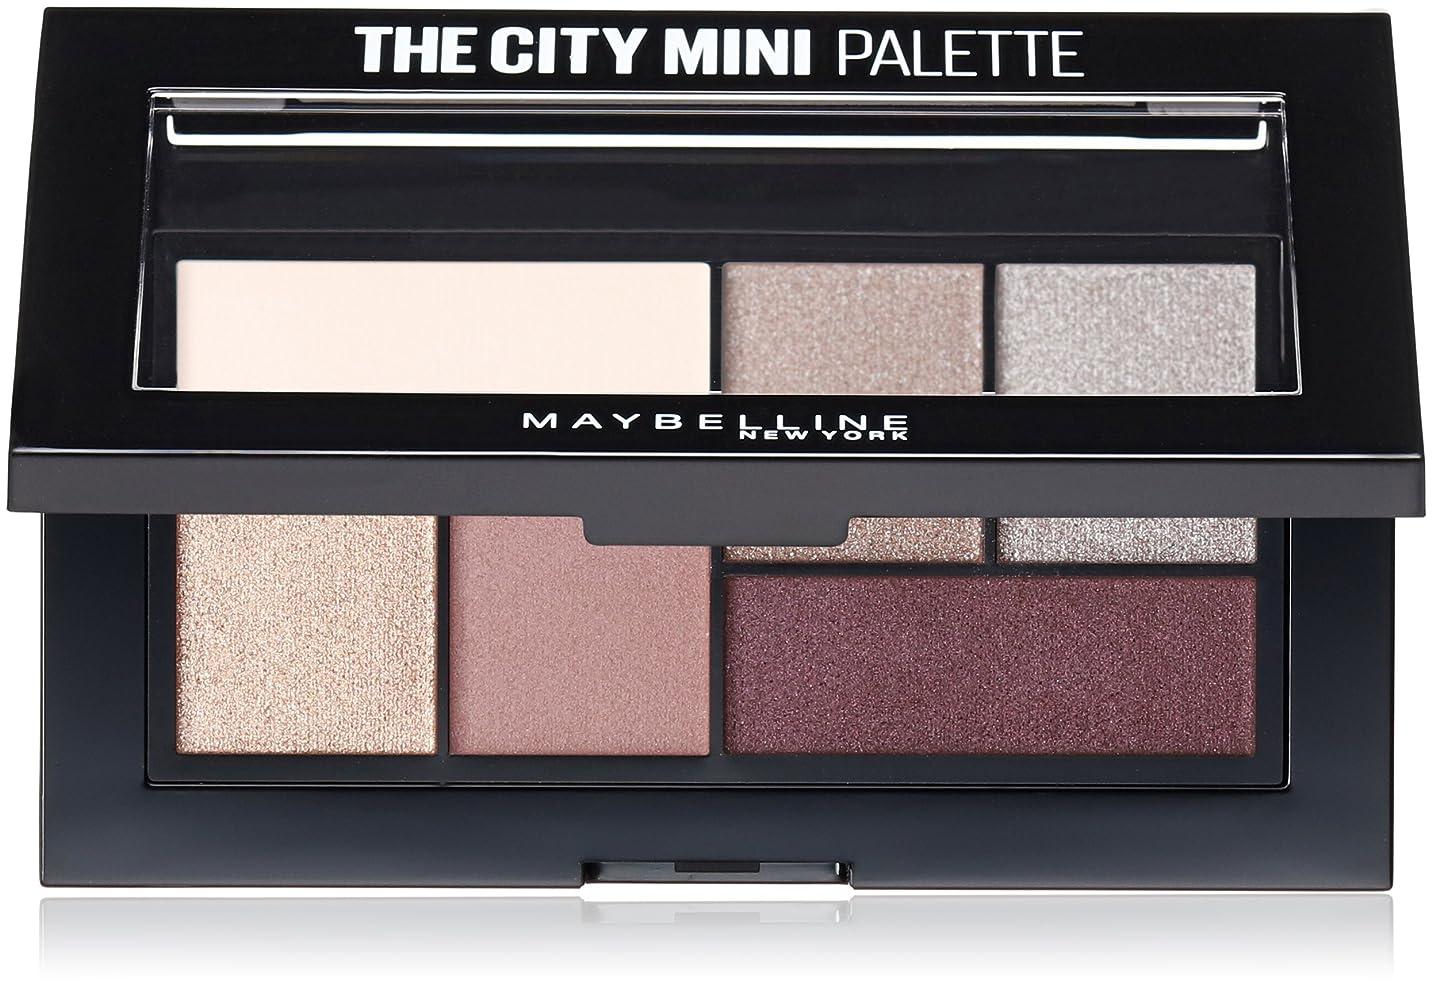 十一ガイダンス乱れMAYBELLINE The City Mini Palette - Chill Brunch Neutrals (並行輸入品)